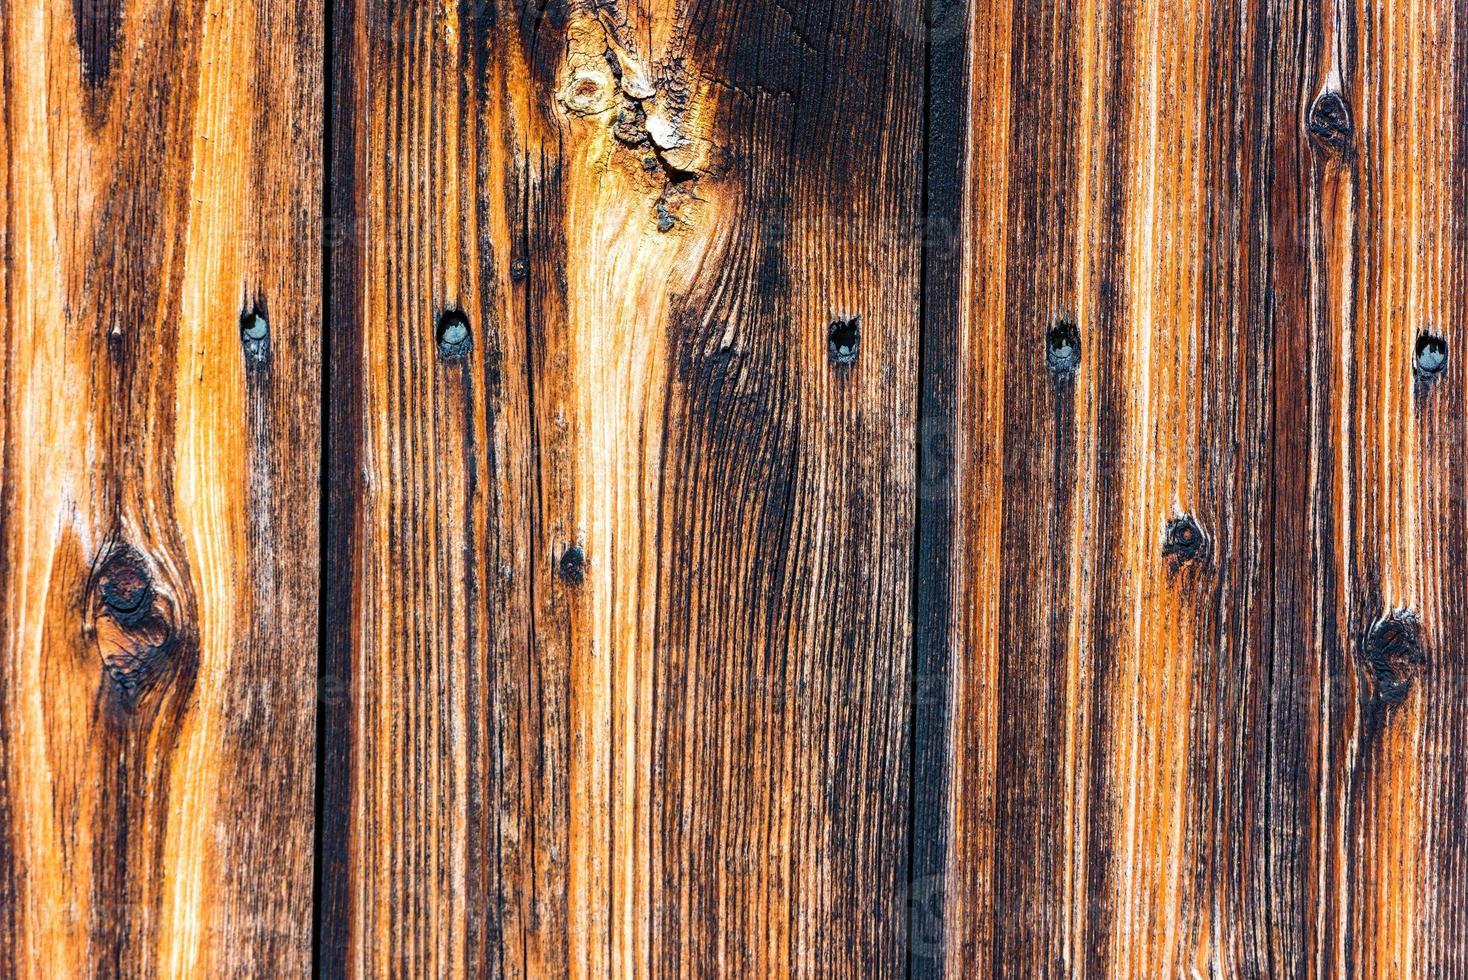 fond de surface de vieilles planches de bois photo